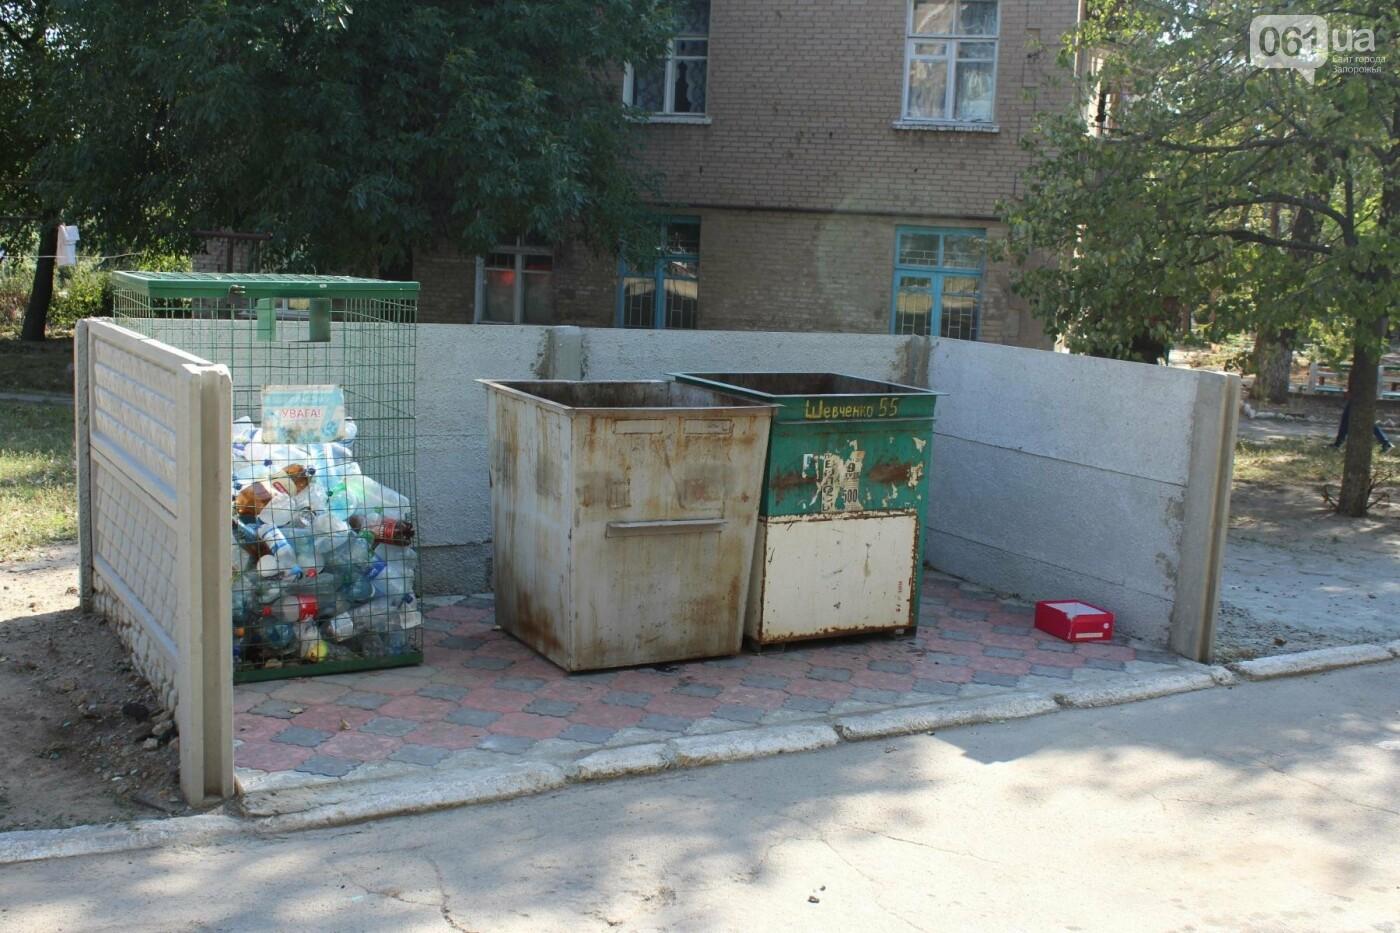 Как там в Токмаке: репортаж из официально депрессивного города, фото-35